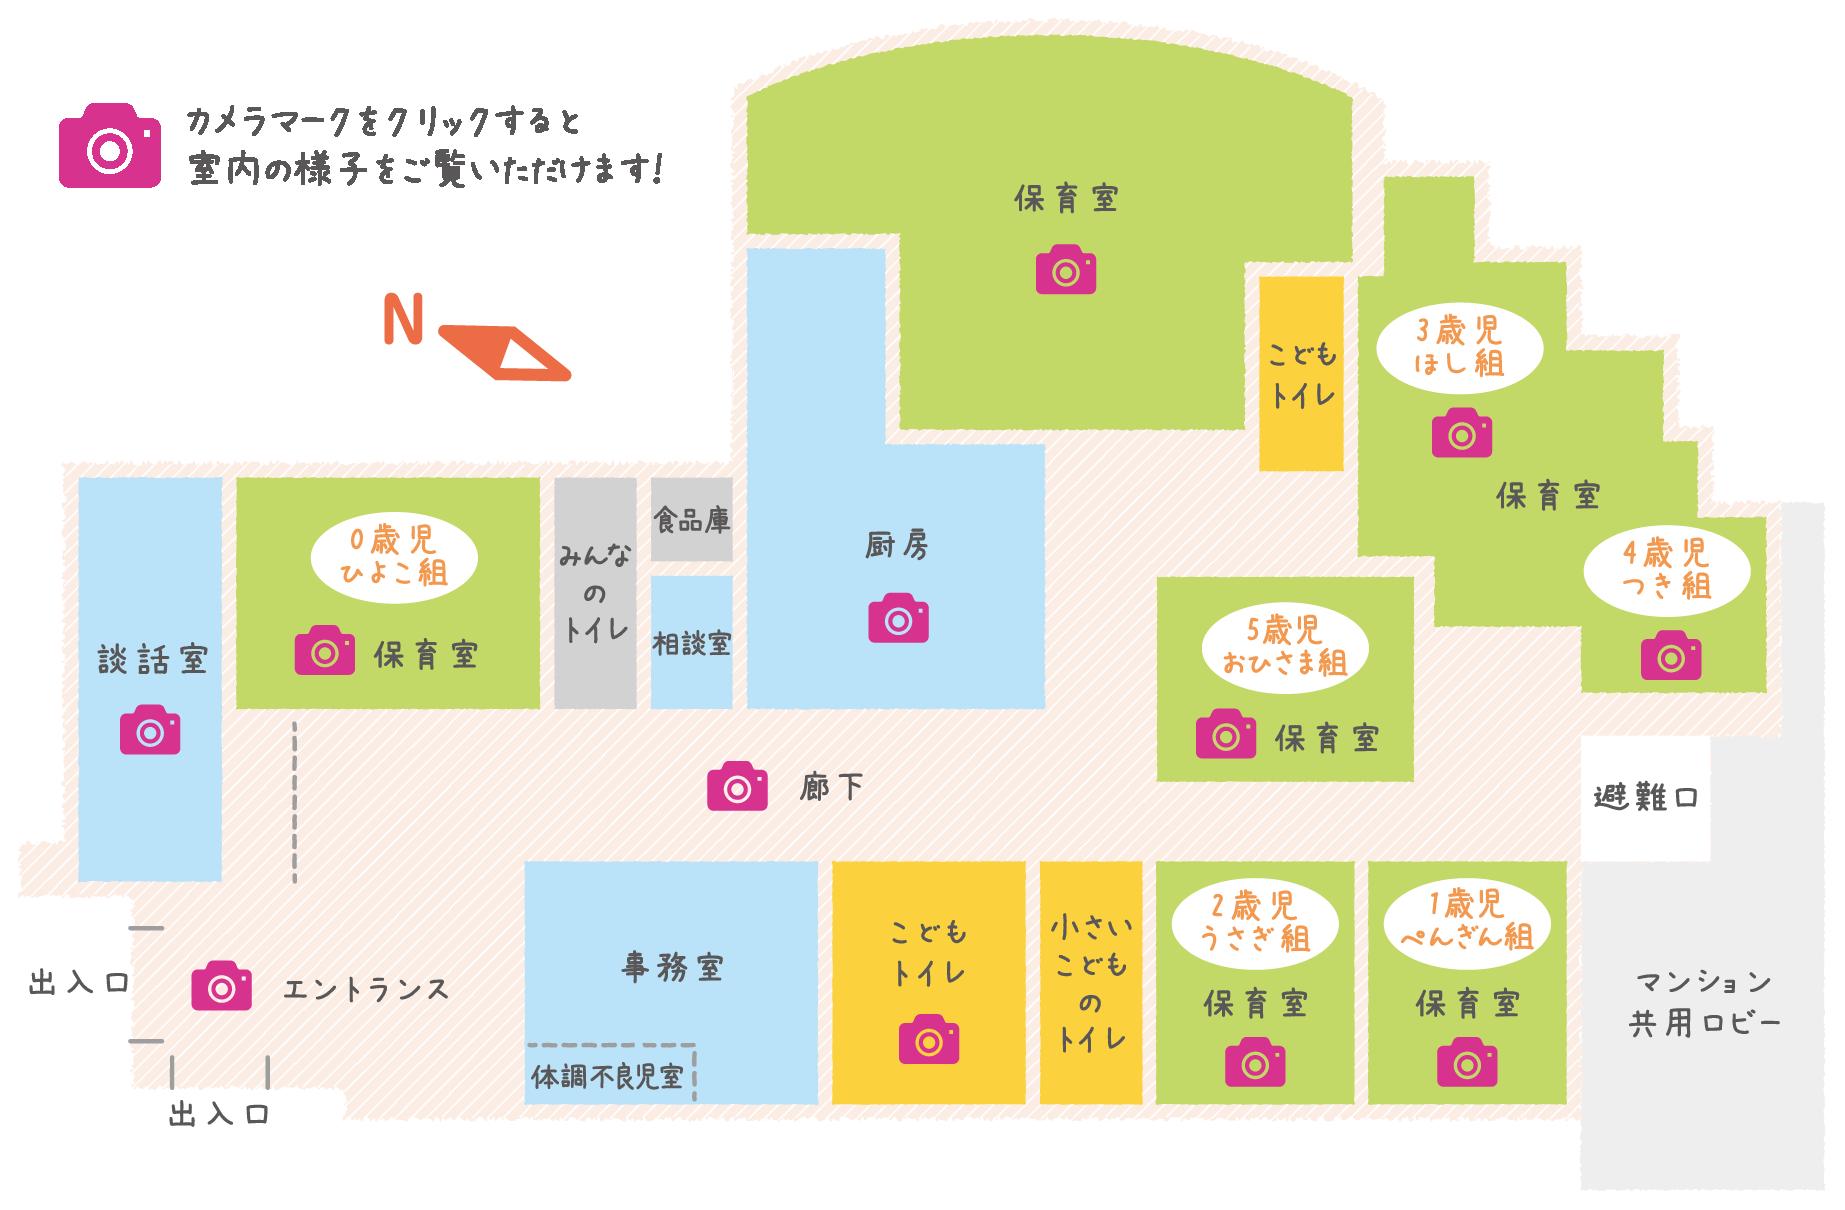 保育園フロアマップ